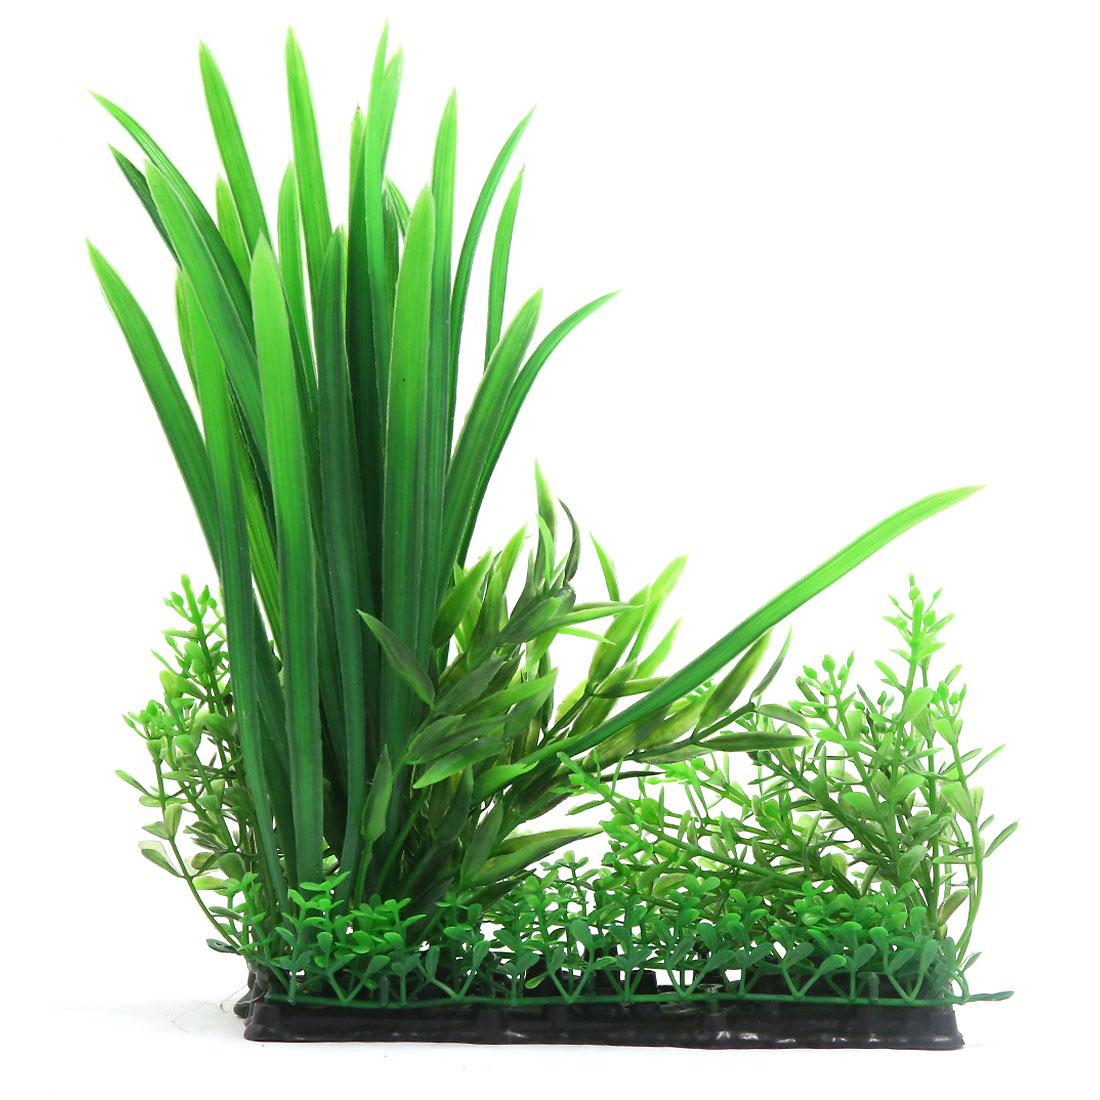 Vert Plante en plastique Décor d'aquarium pour Betta Poisson rouge 3